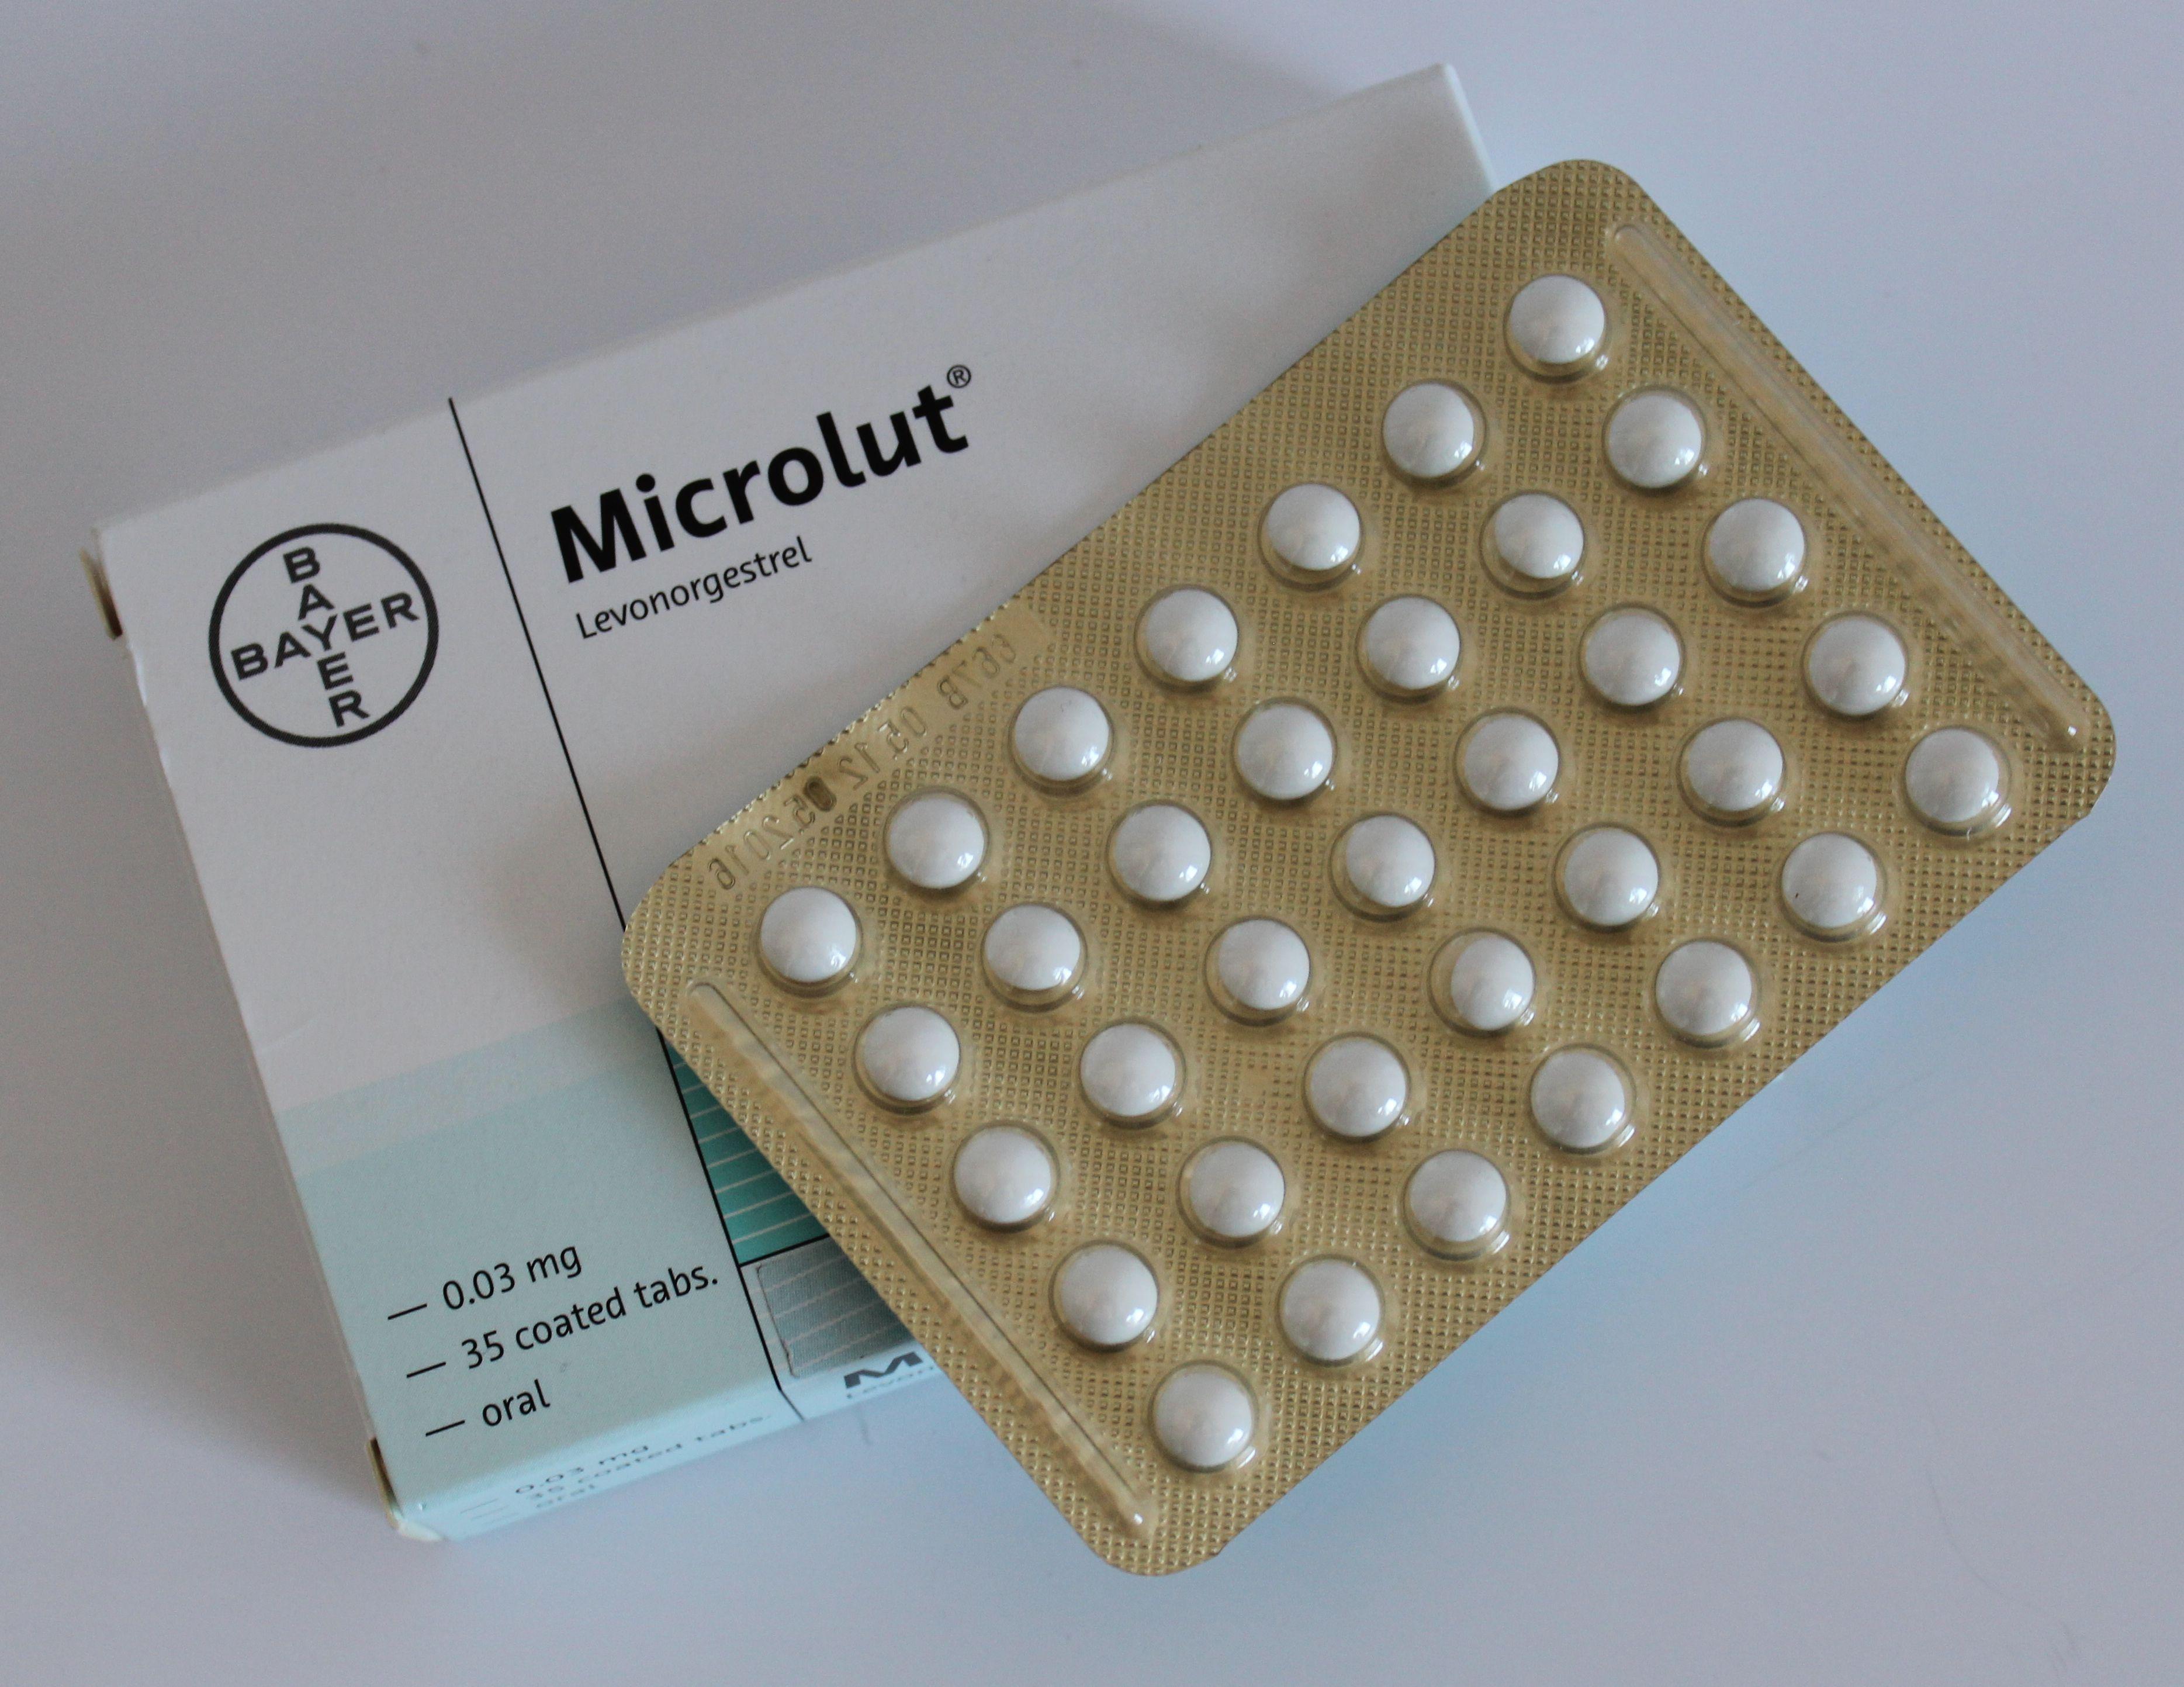 افضل انواع حبوب منع الحمل للرضاعه مفهرس